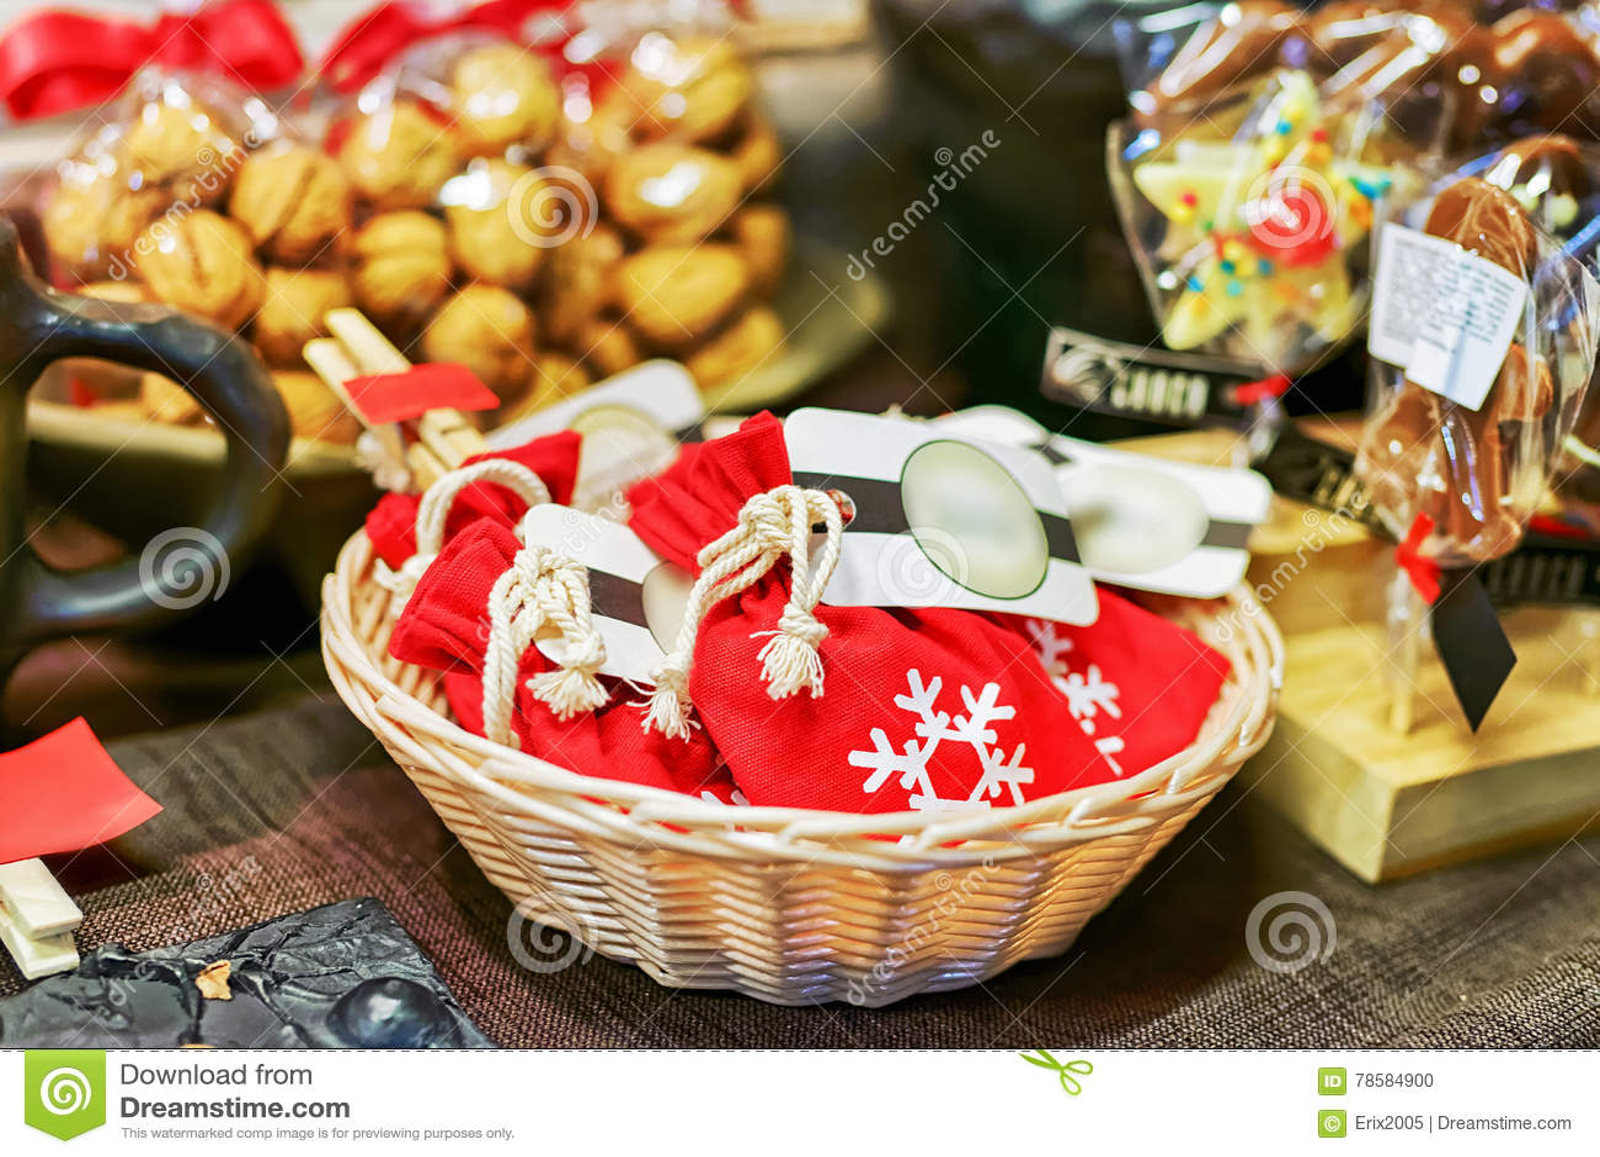 Petits Sacs Avec Du Chocolat Fait Maison Au Marche De Noel De Riga Photo Stock Image Du Marche Riga 78584900